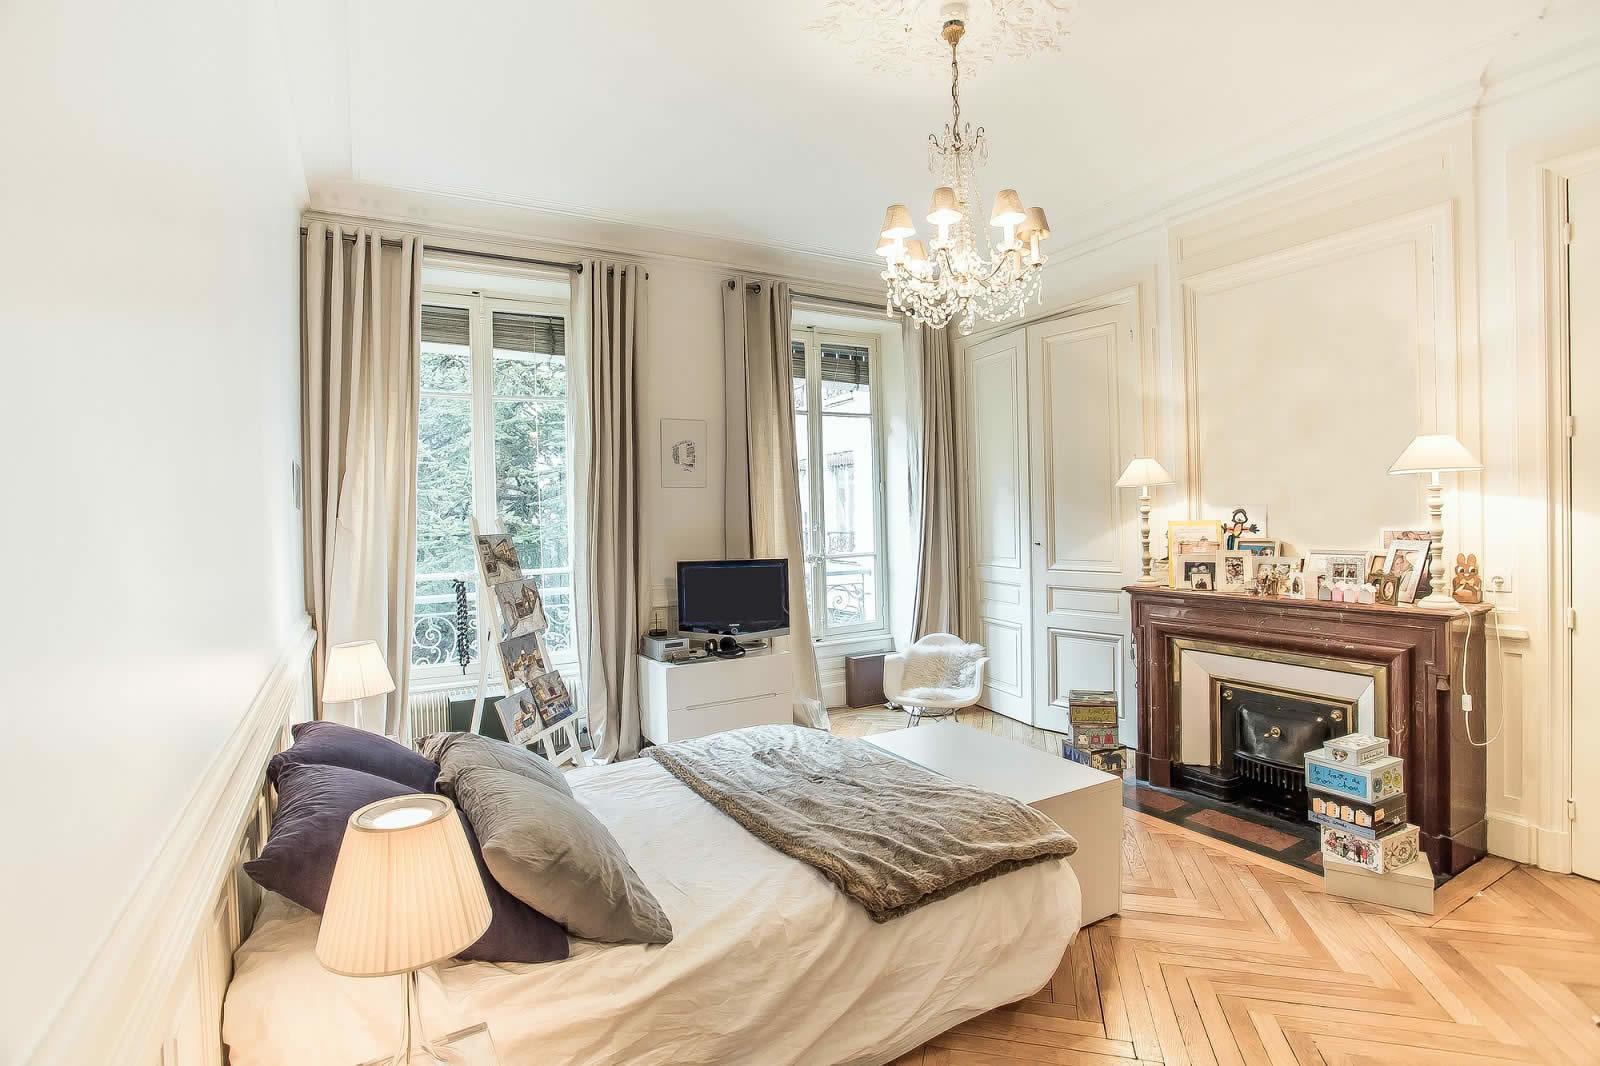 appartement-style-a-la-francaise-parquet-cheminee-a-vendre-centreappartement-style-a-la-francaise-parquet-cheminee-a-vendre-centre